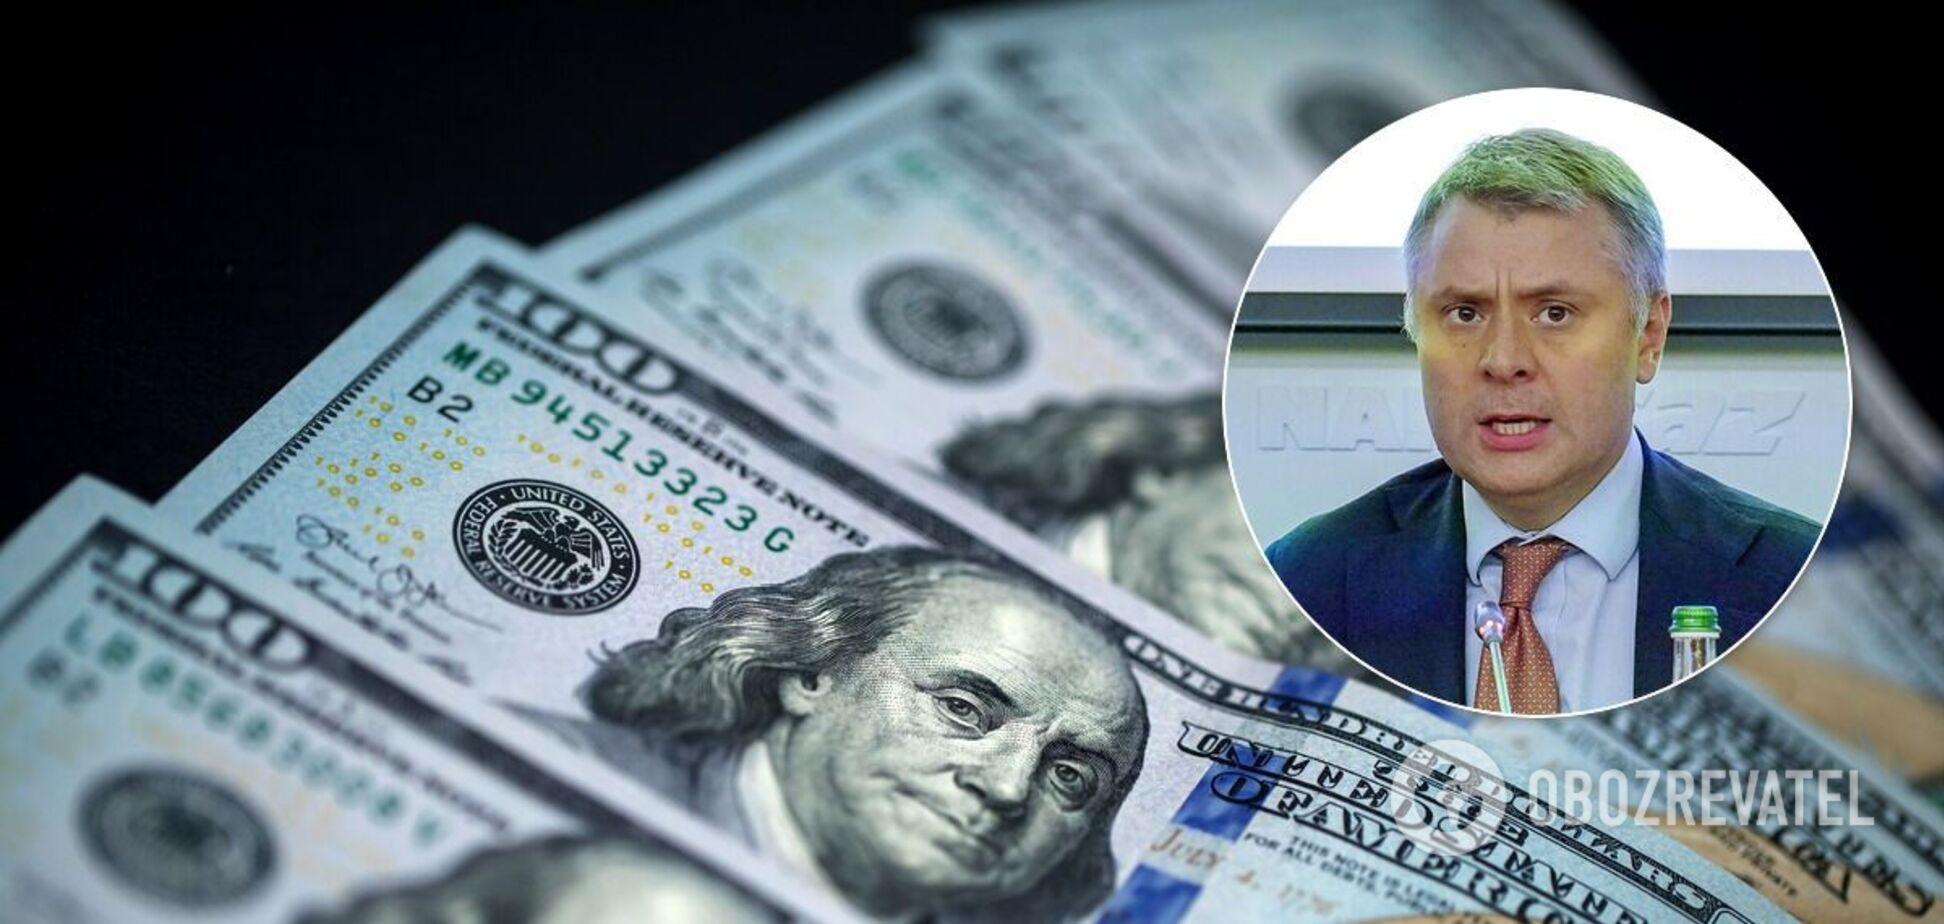 Вітренко отримає від 'Нафтогазу' держоблігації на $4 млн